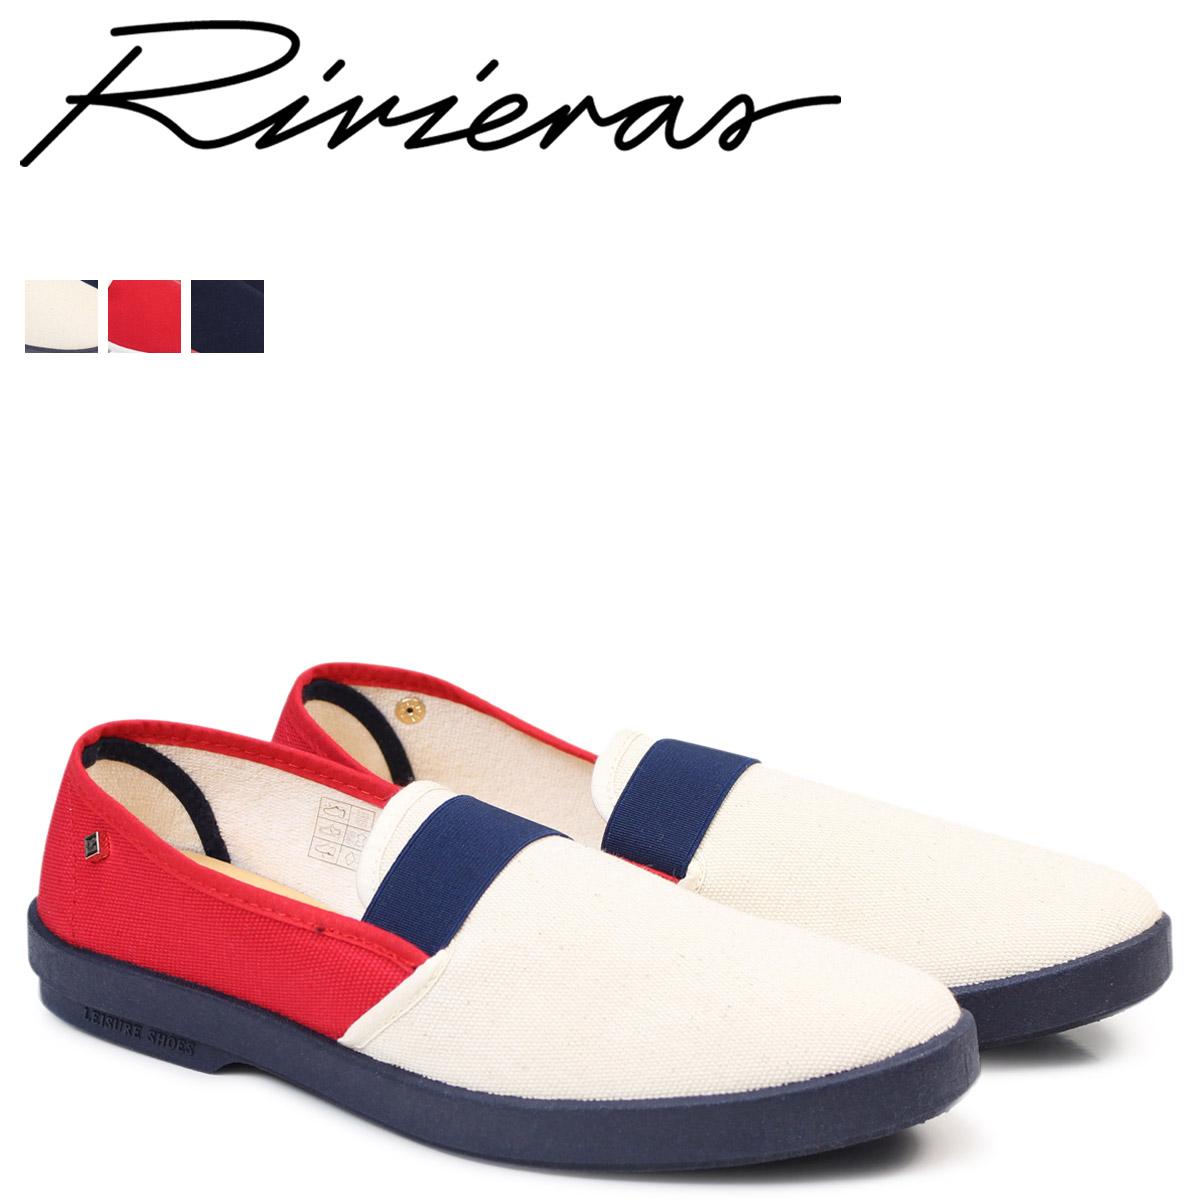 里维埃拉懒汉鞋RIVIERAS人编码REGATE FRANCE 9187 9188 9189[2/3新进货]